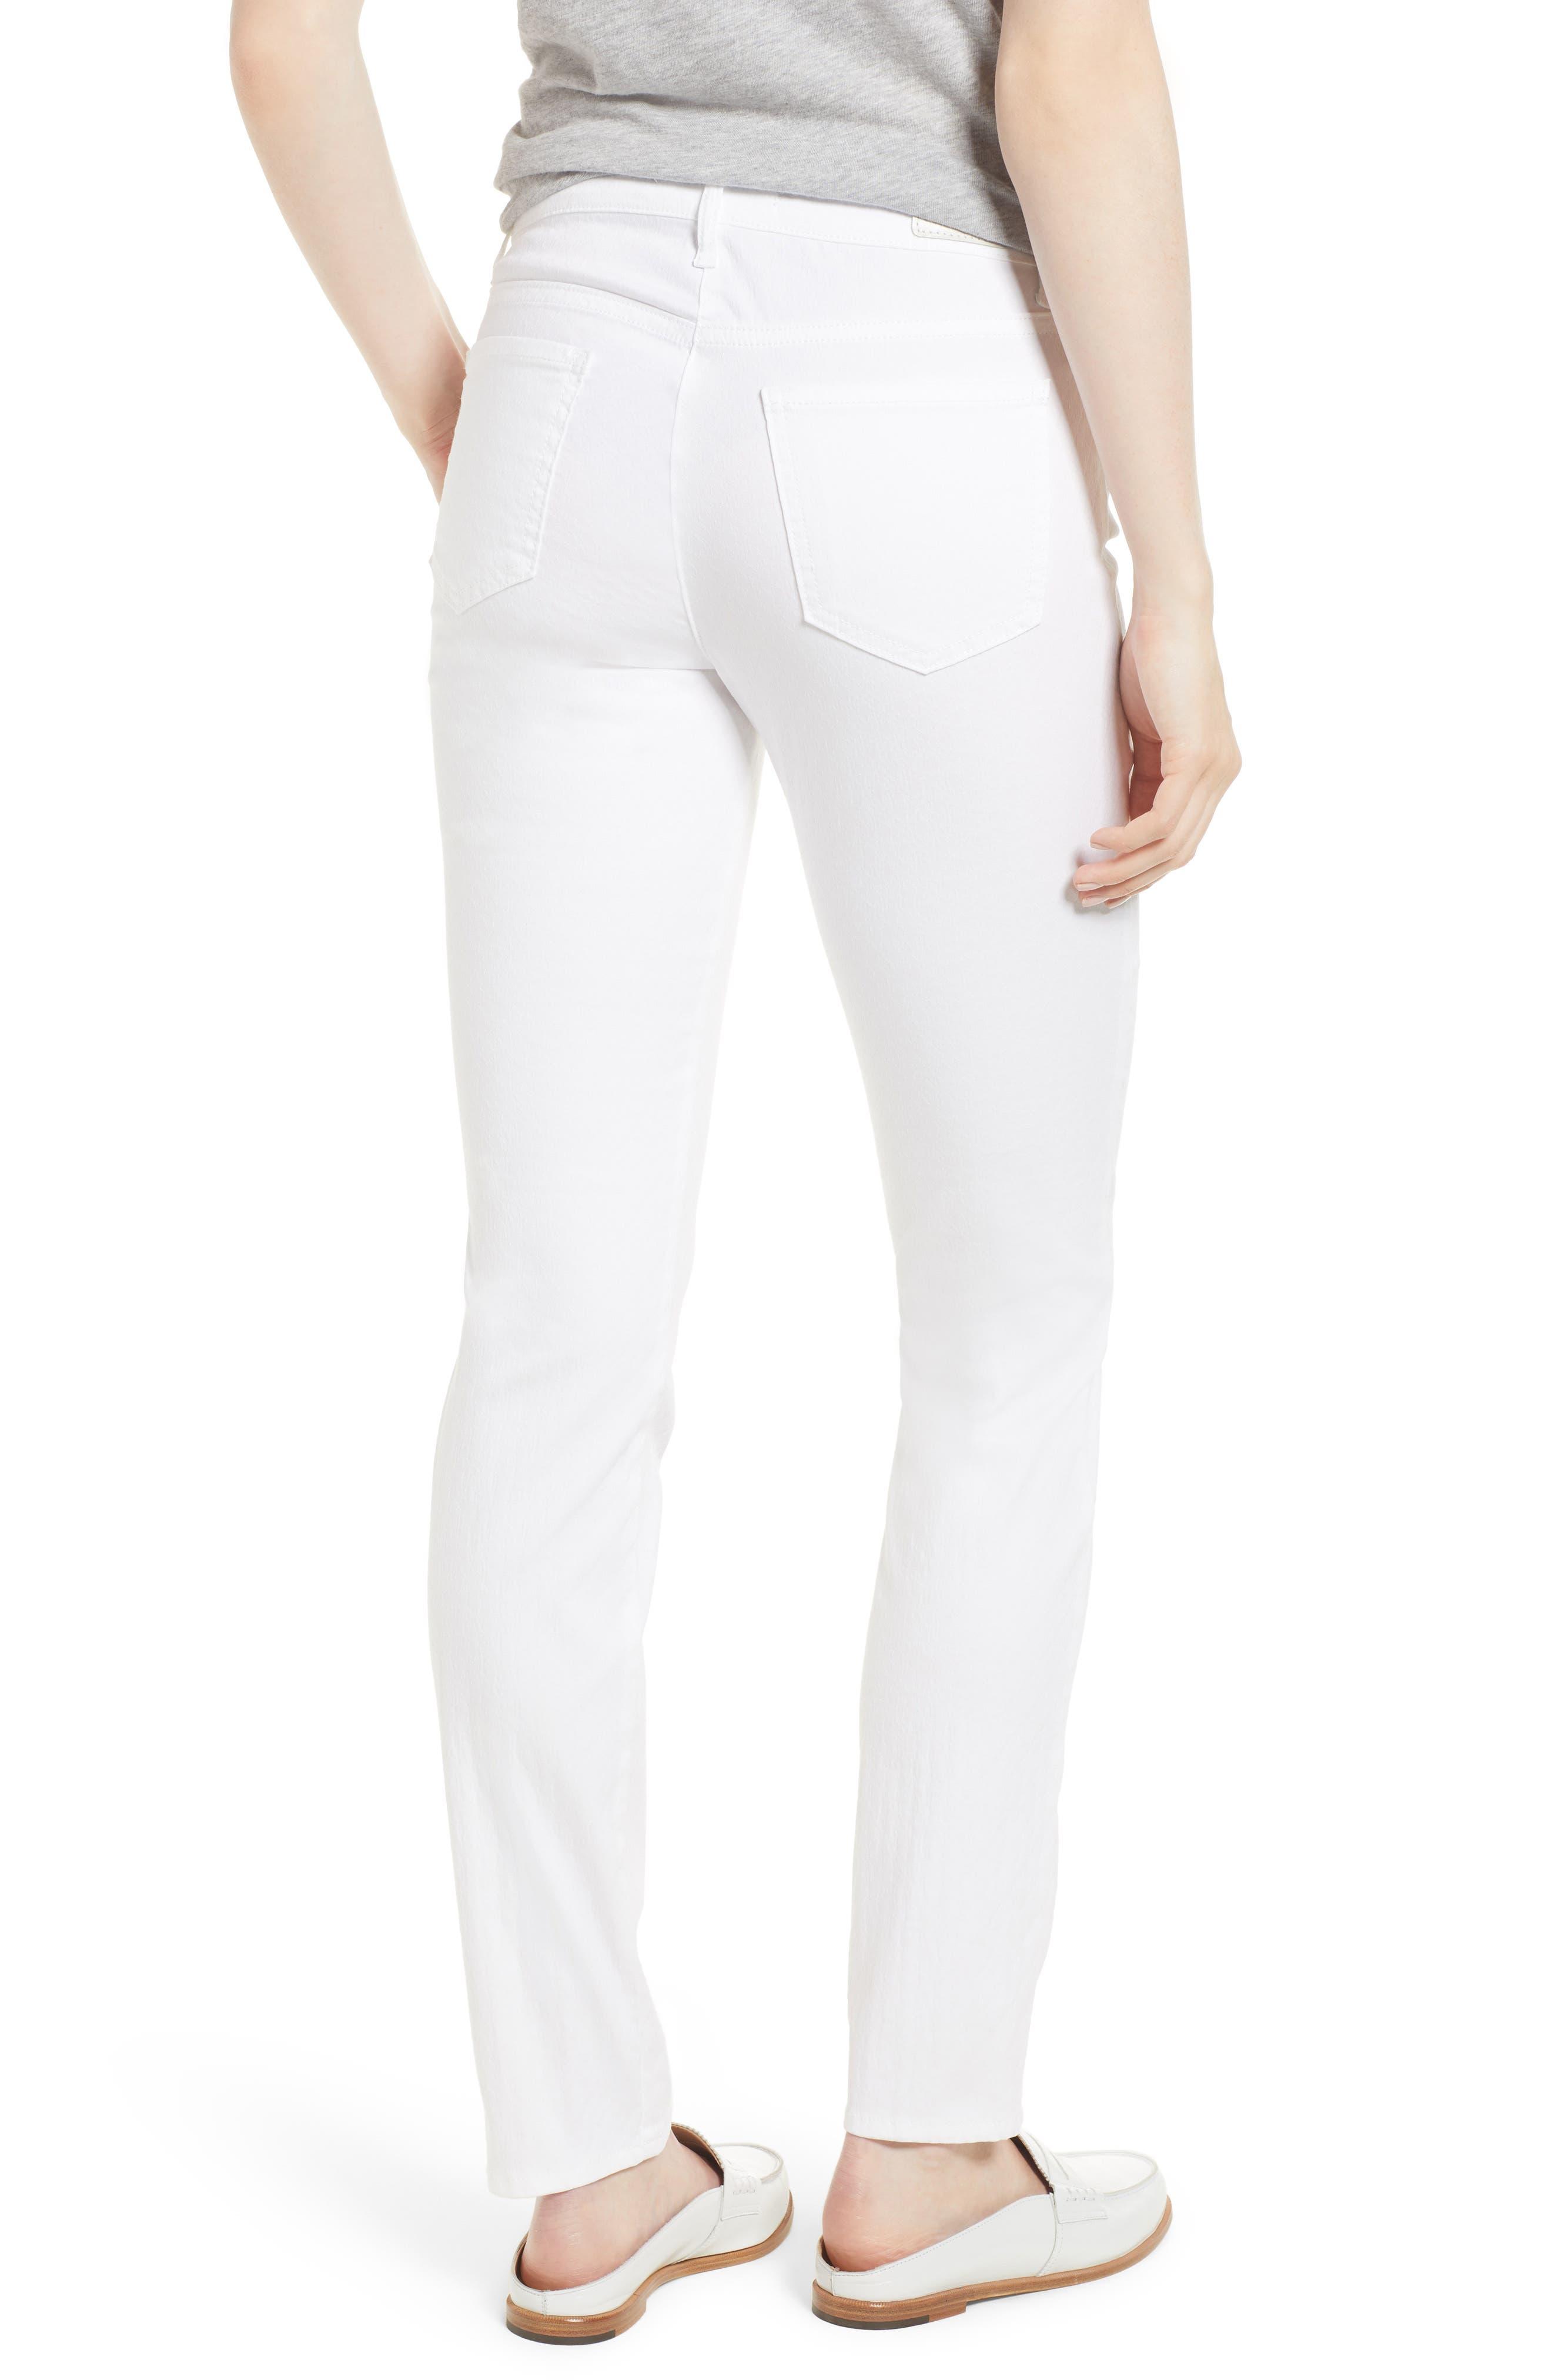 Shakira White Jeans,                             Alternate thumbnail 2, color,